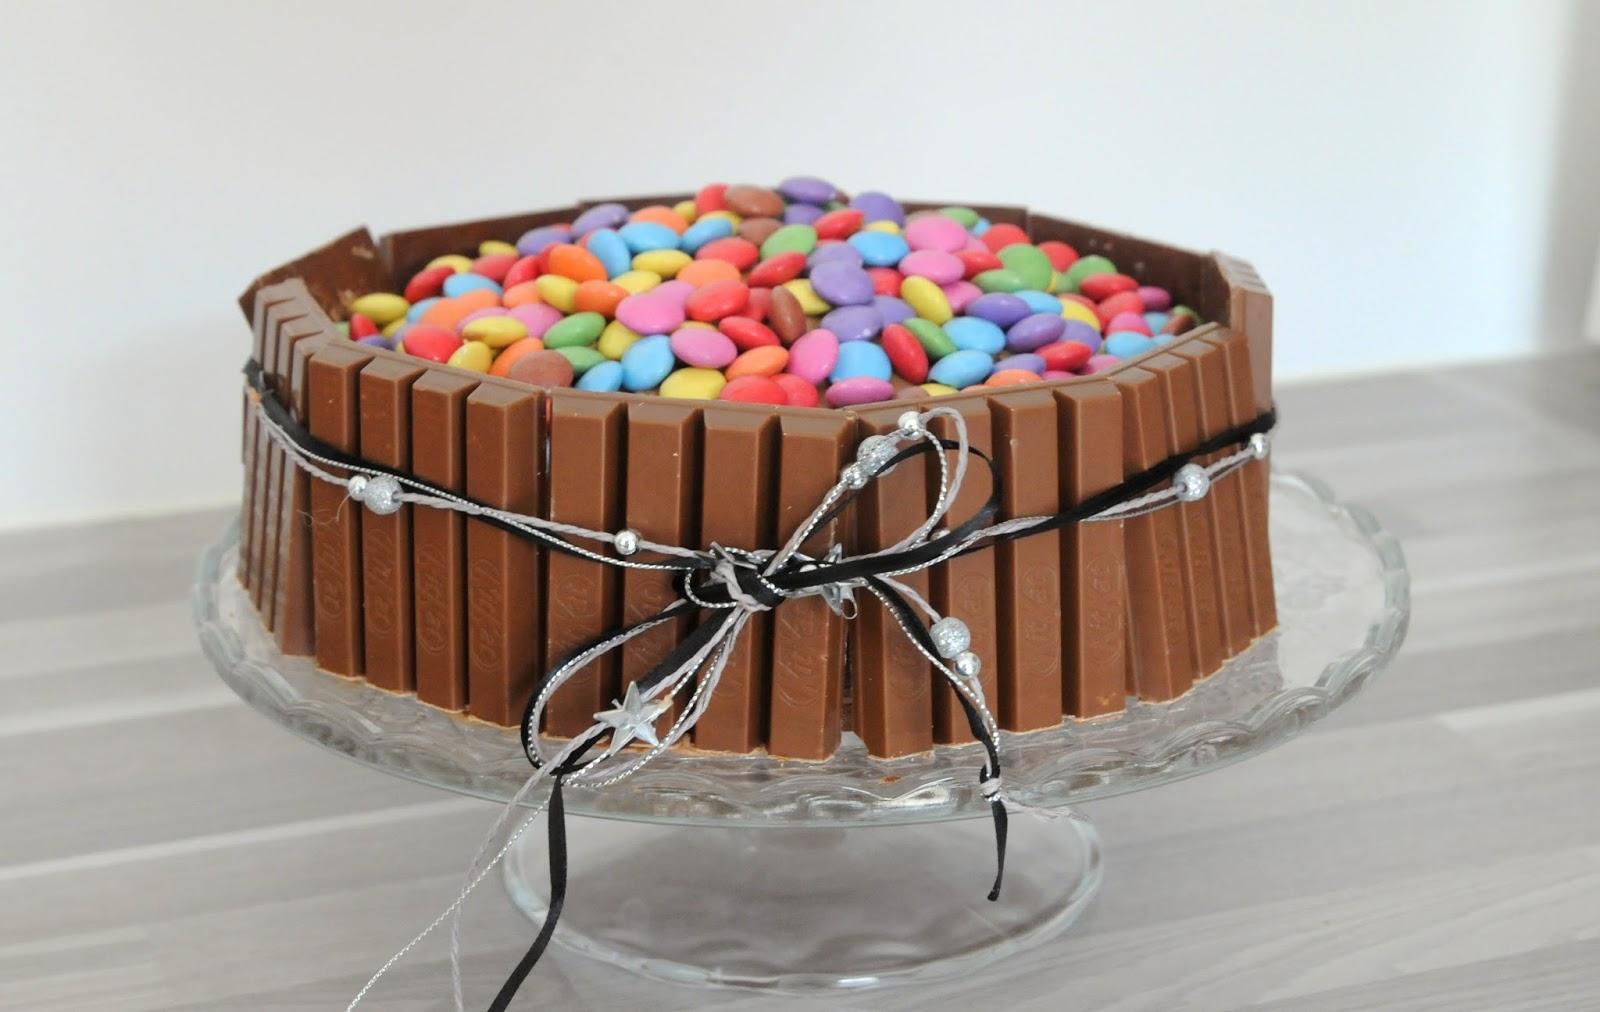 13 desserts chacun g teau kit kat et smarties pour un anniversaire. Black Bedroom Furniture Sets. Home Design Ideas